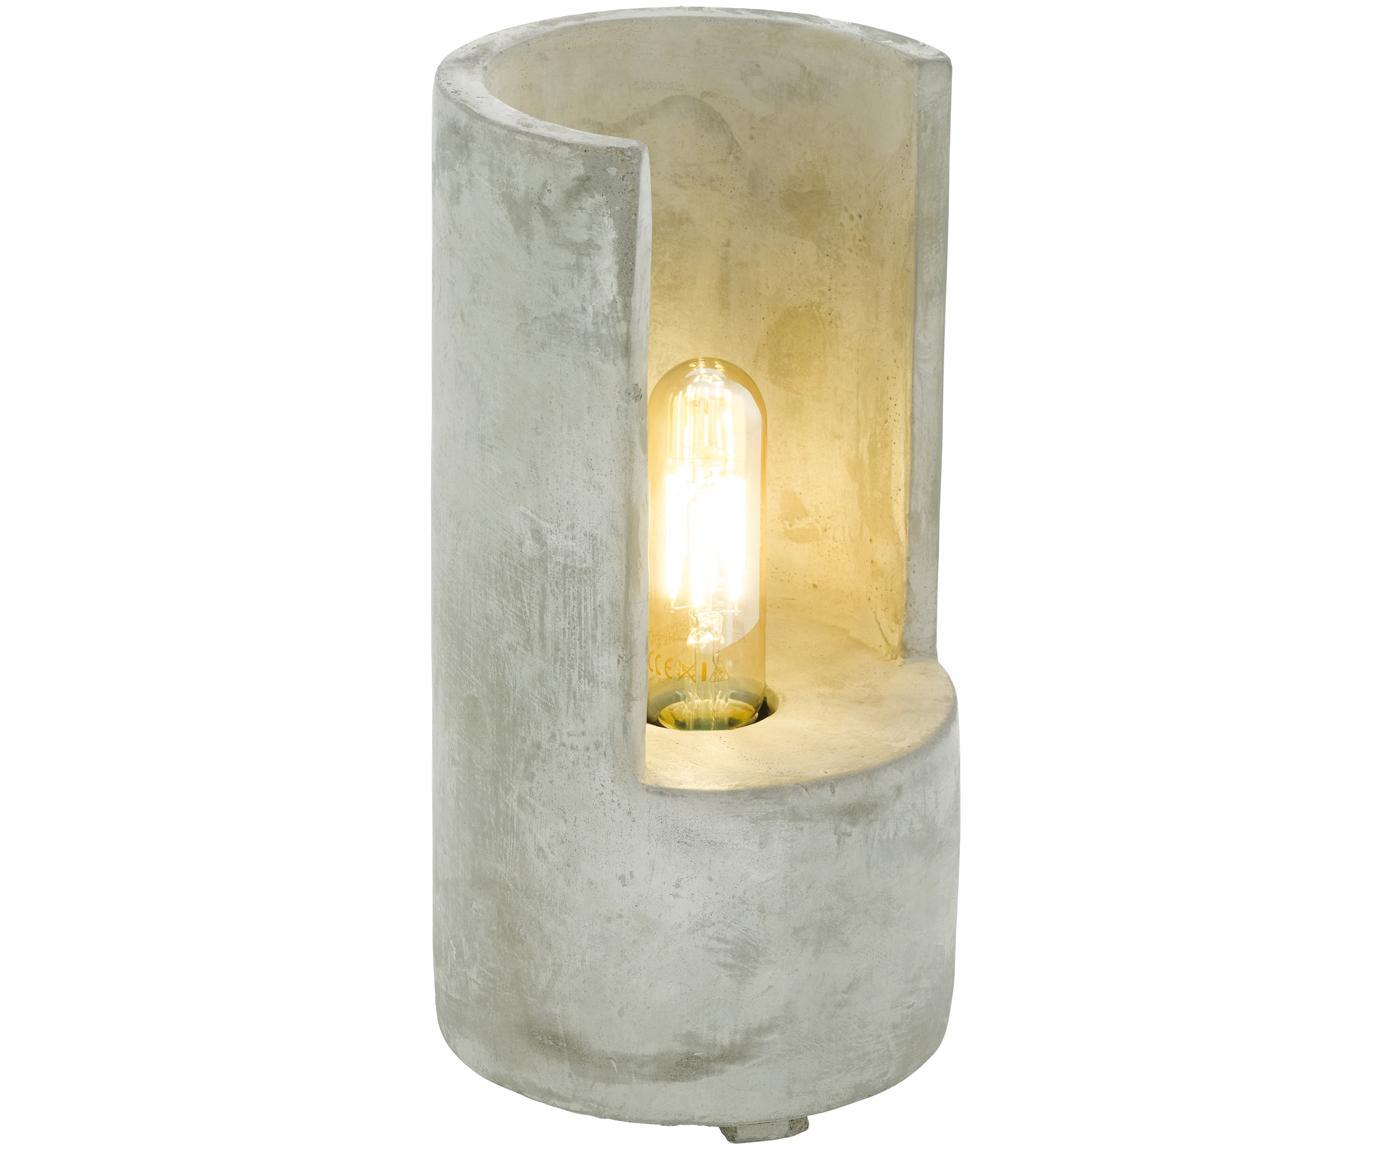 Lampada da tavolo in cemento Lynton, Lampada: cemento, Grigio cemento, Ø 14 x Alt. 27 cm